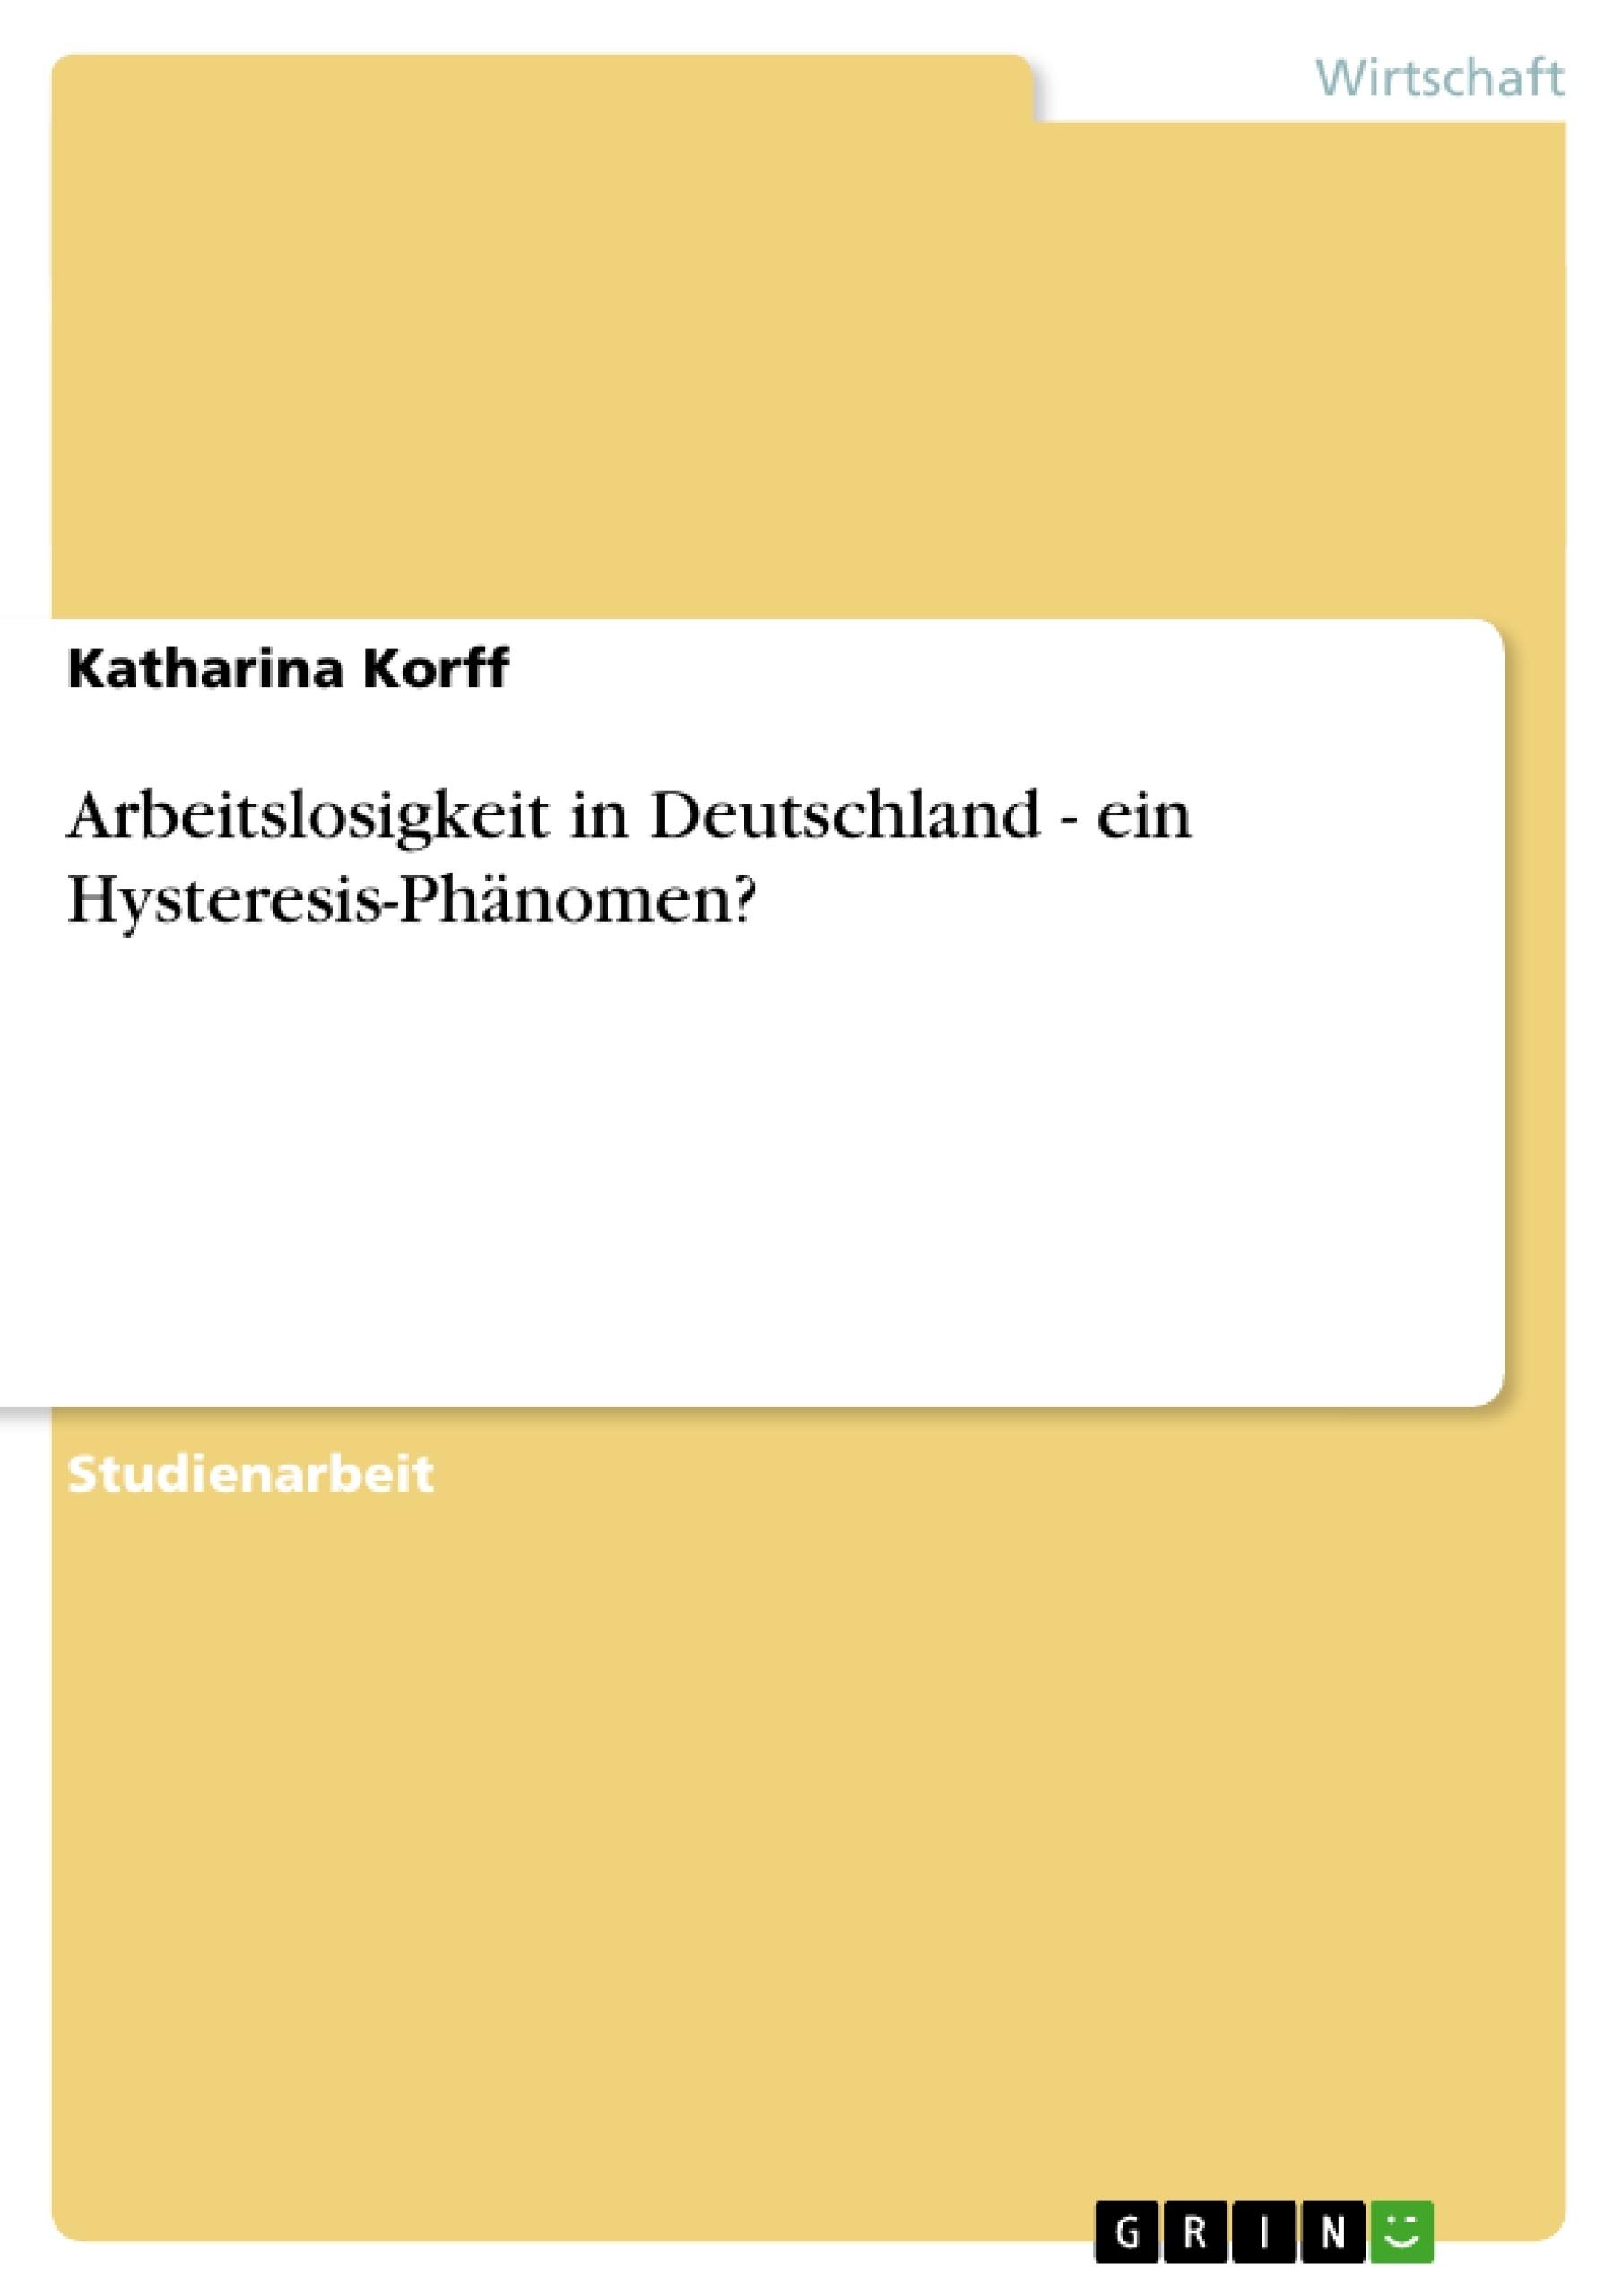 Titel: Arbeitslosigkeit in Deutschland - ein Hysteresis-Phänomen?